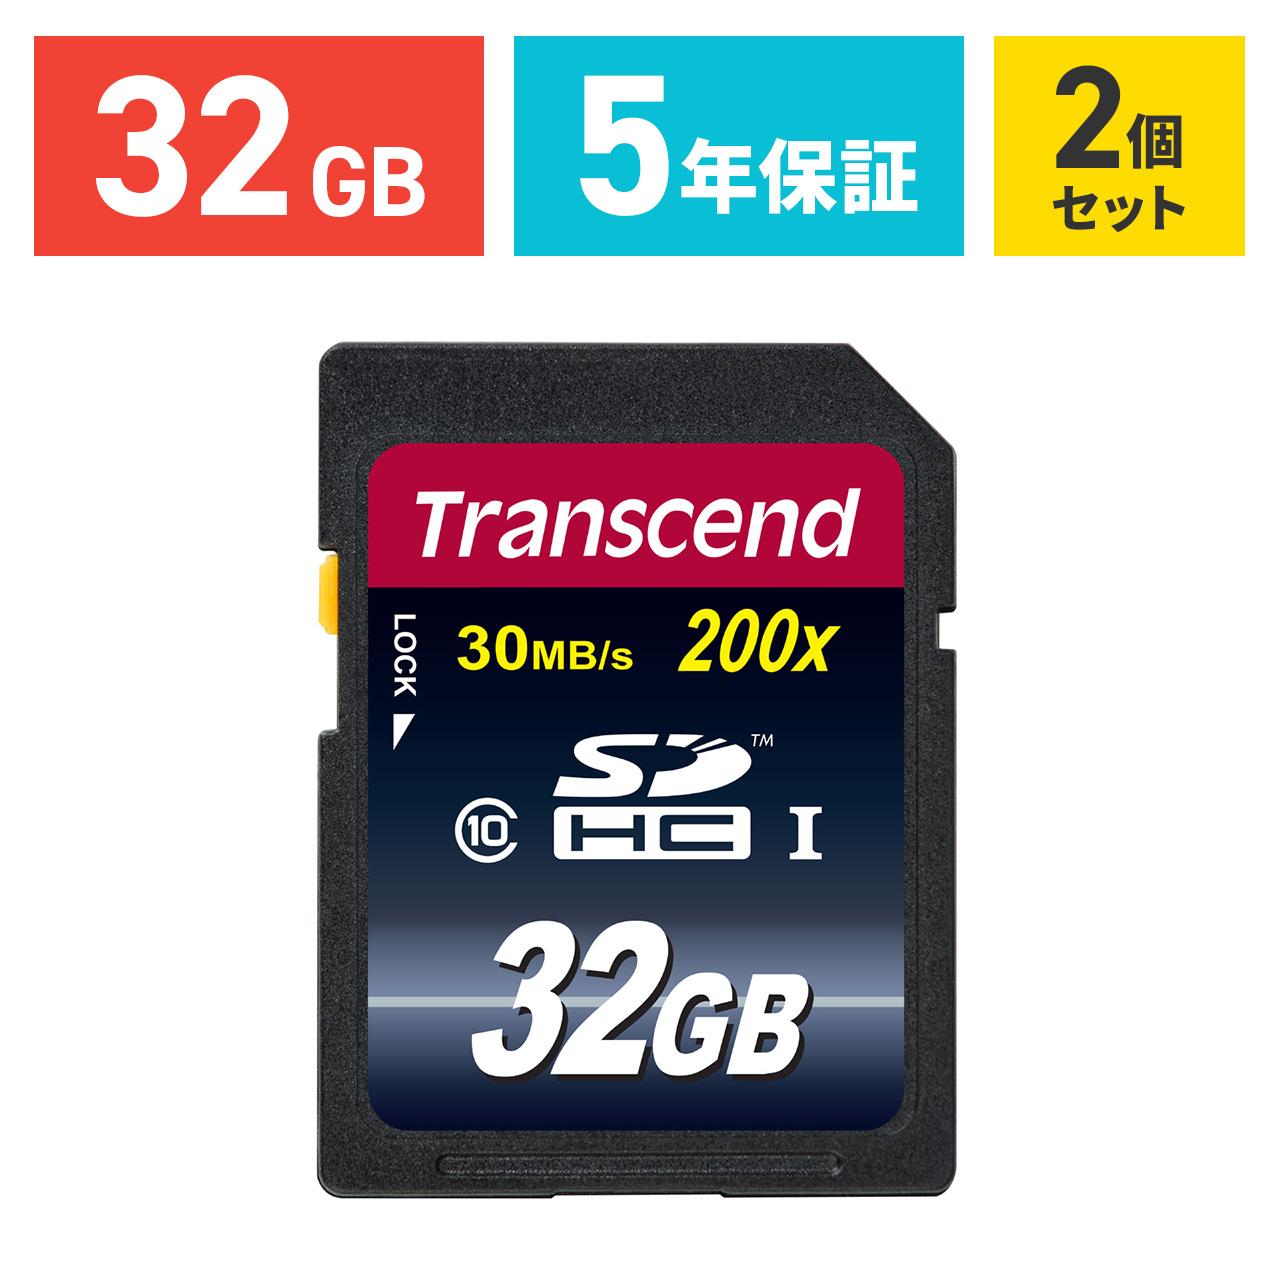 TS32GSDHC10 ネコポス専用 送料無料対象品 まとめ割 2個セット Transcend SDカード 32GB Class10 クラス10 入学 メモリーカード SDHC 5年保証 永遠の定番モデル 卒業 32 激安☆超特価 2枚